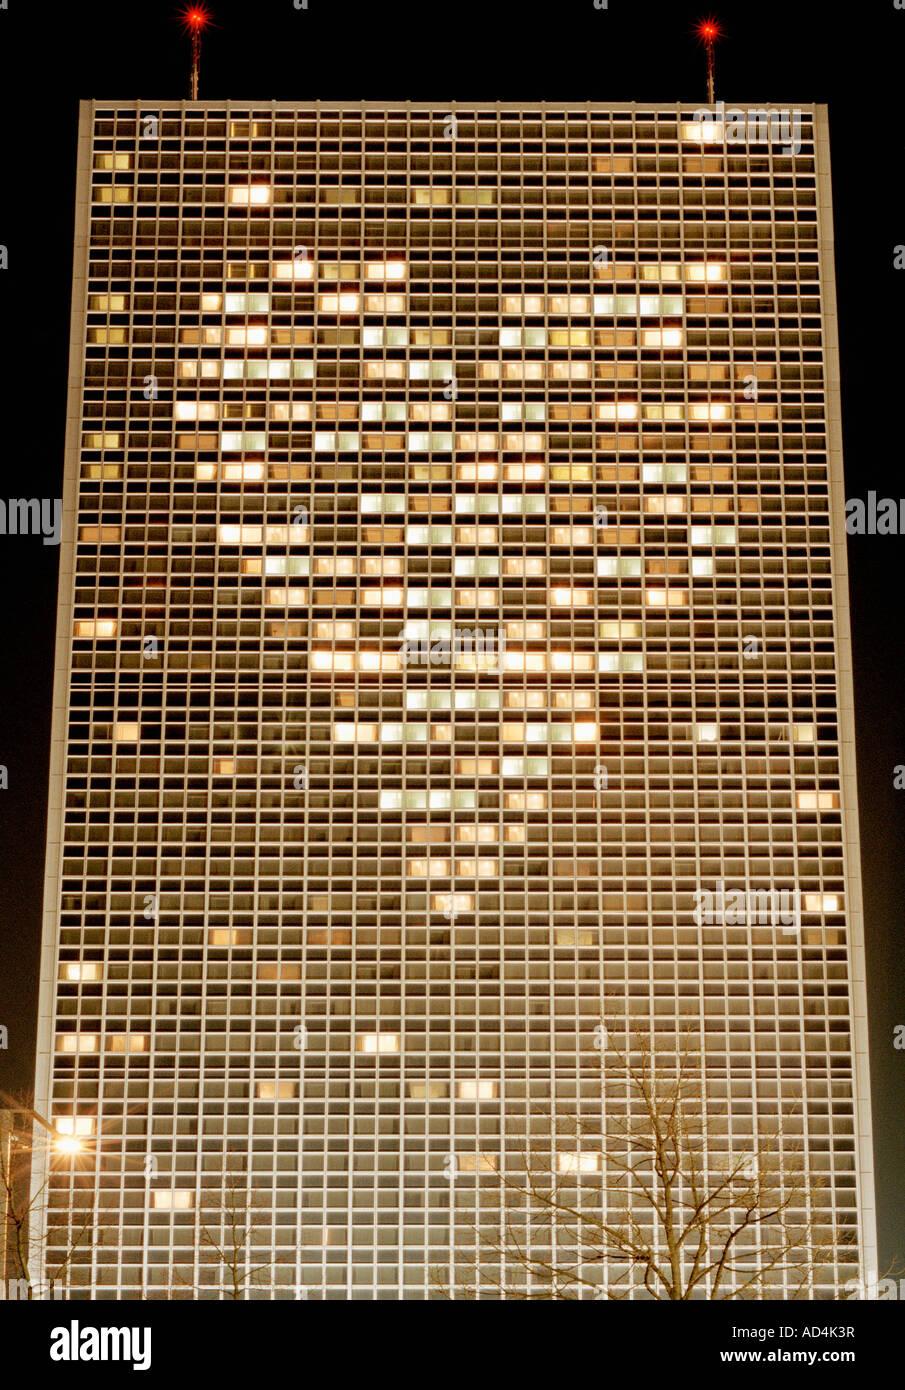 Acende em prédio alto com luzes dispostas em um formato de coração Imagens de Stock